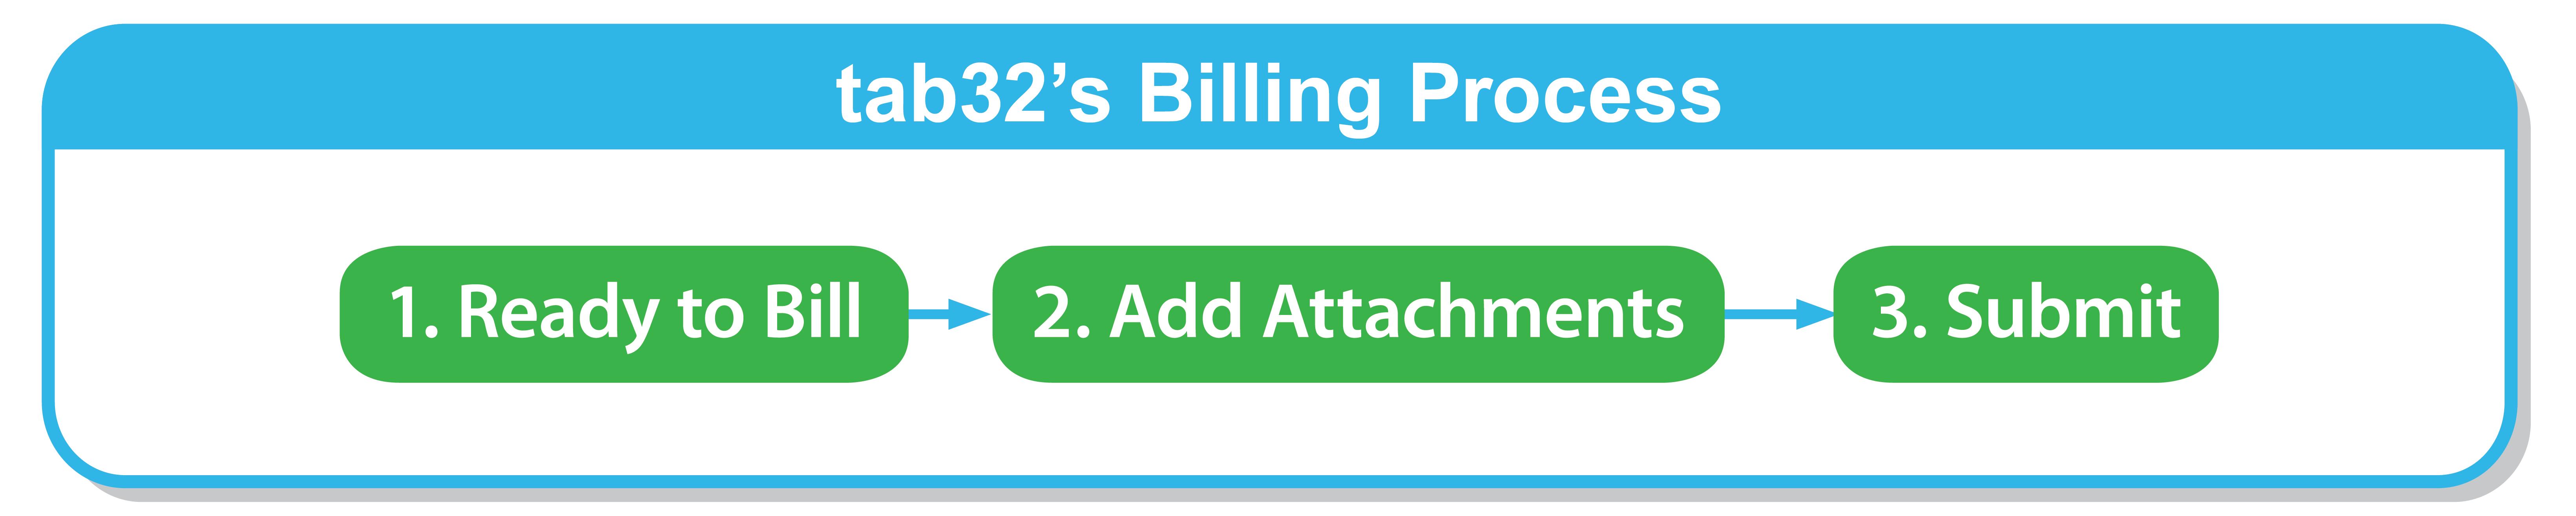 T32_billing_vector_v4-03-2